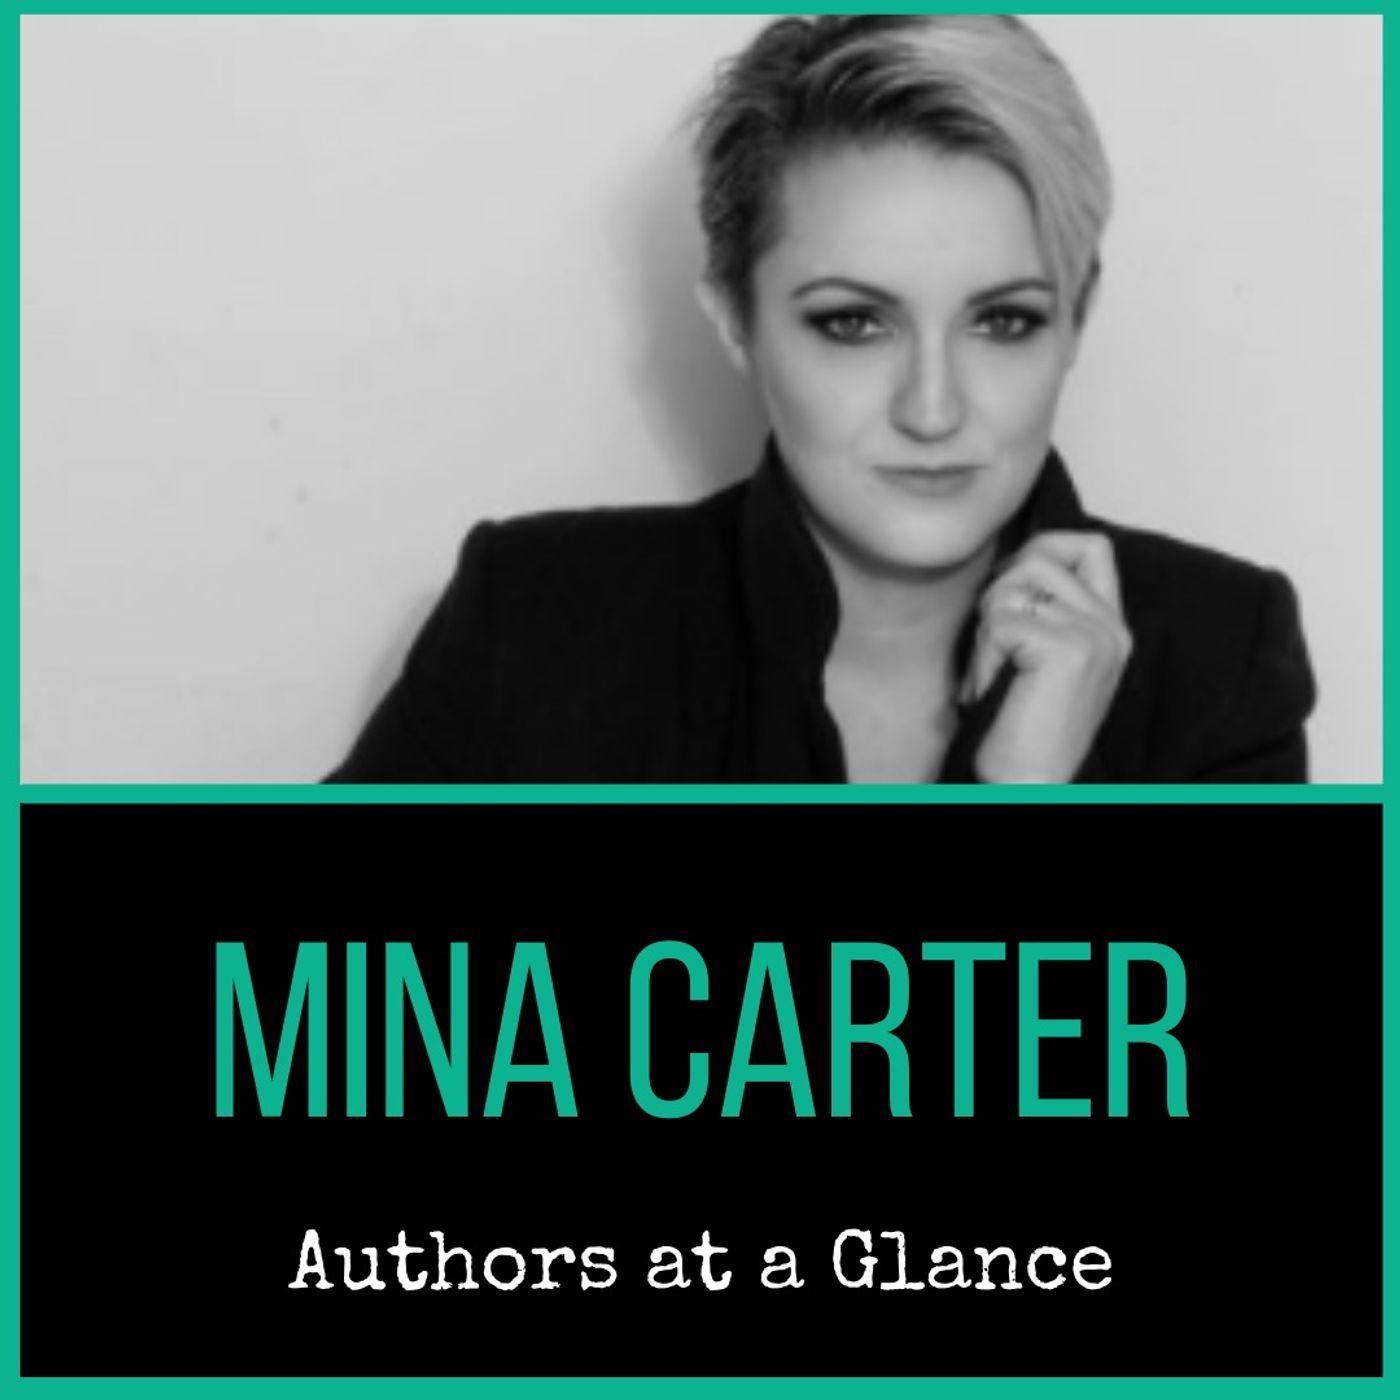 Mina Carter   Authors at a Glance